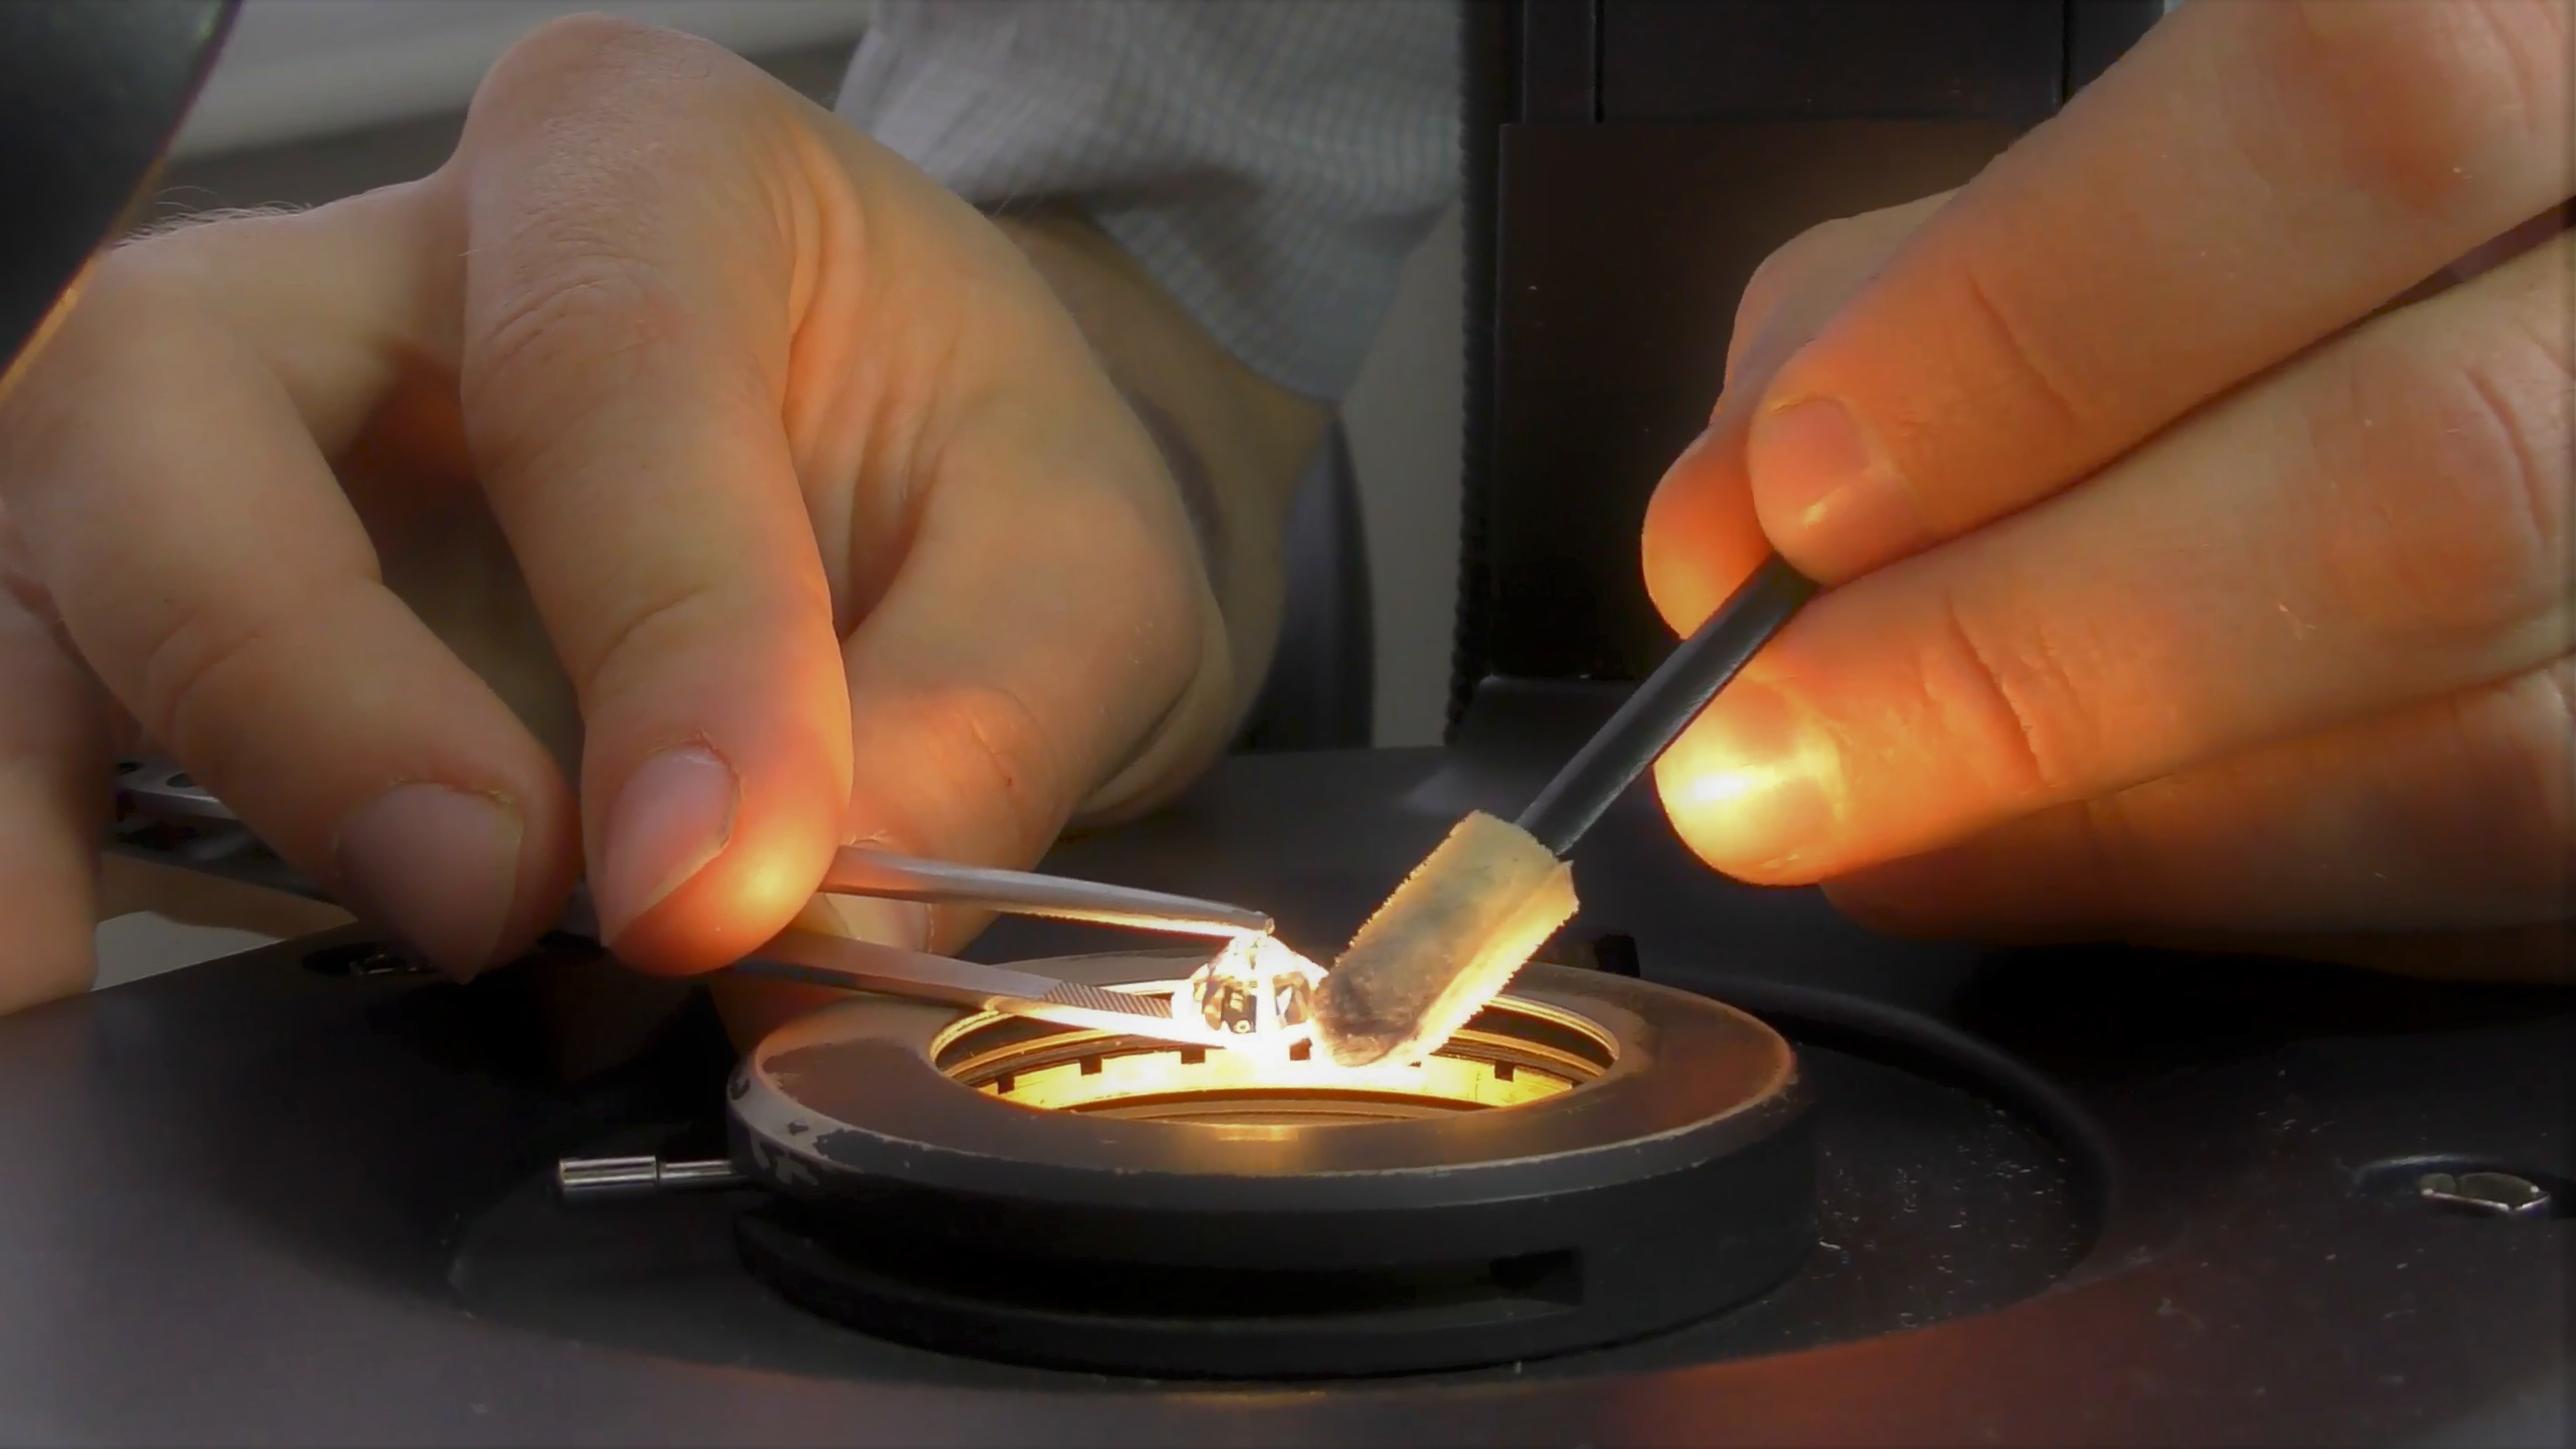 Инструменты для оценки драгоценных камней: линзы и микроскоп